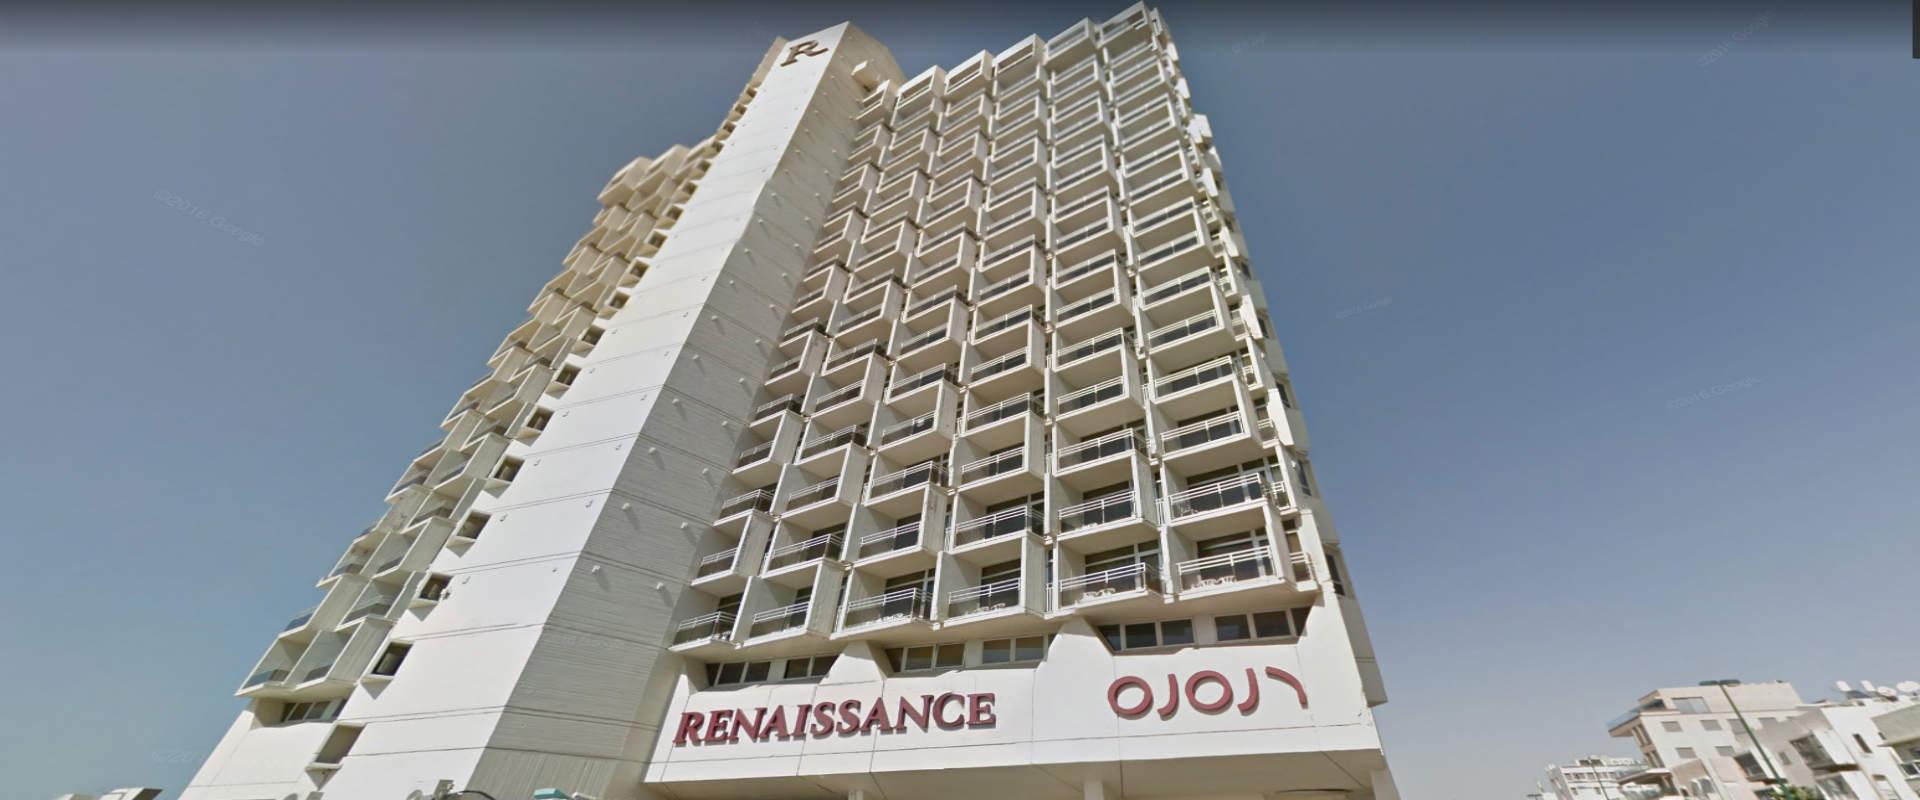 מלון רנסנס בתל אביב שבו התרחש הרצח, יוני 2017